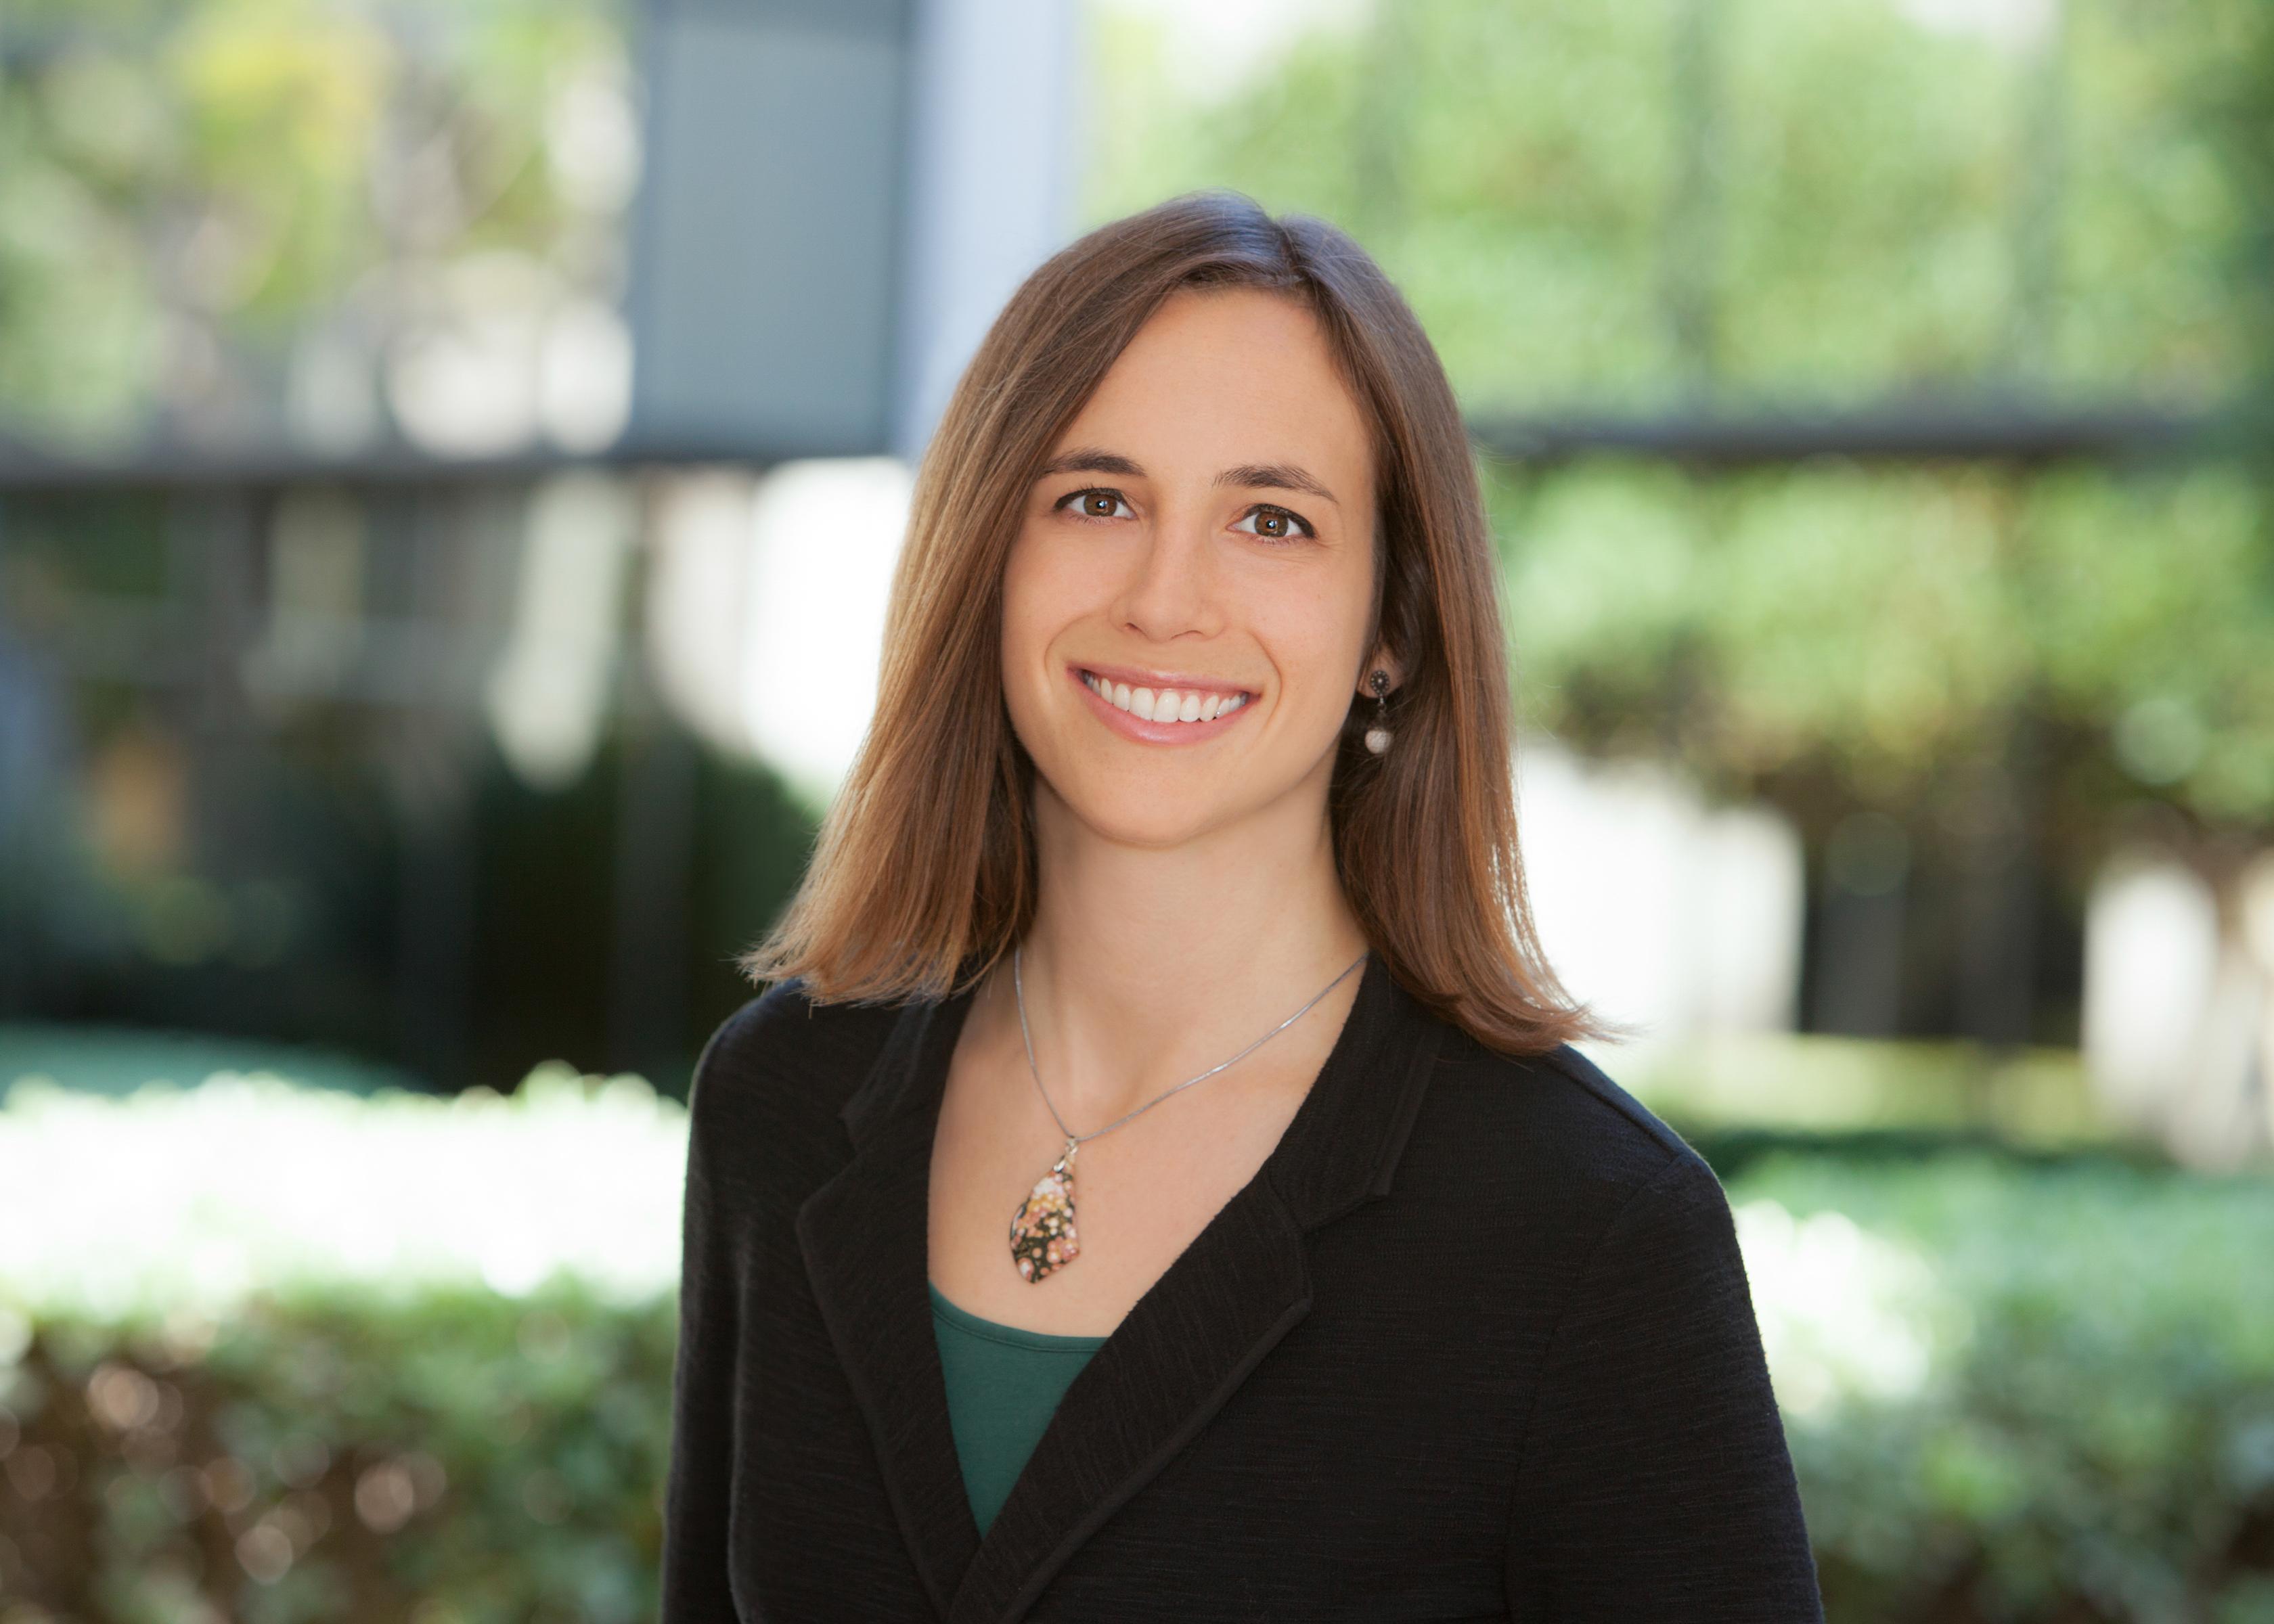 Alyssa Gutner-Davis, a student at Boston University's Questrom School of Business.